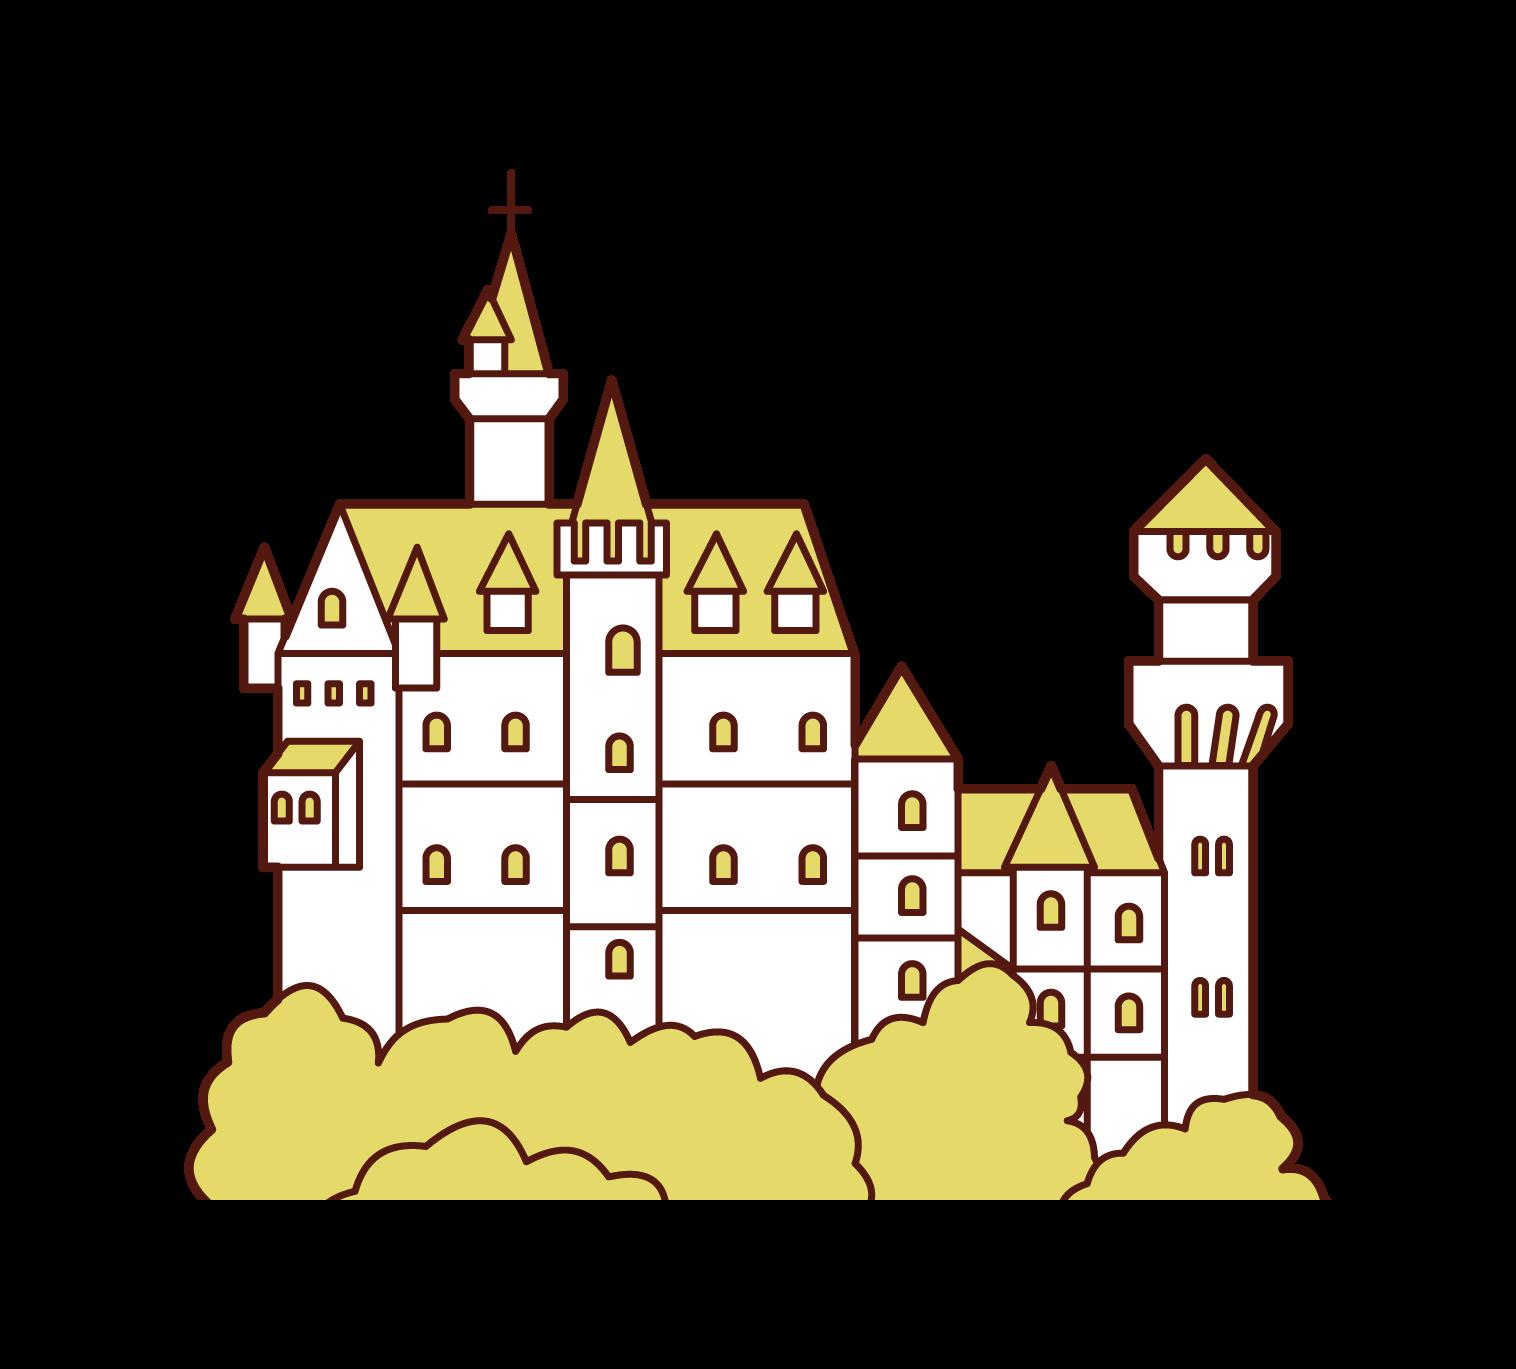 ノイシュバンシュタイン城のイラスト